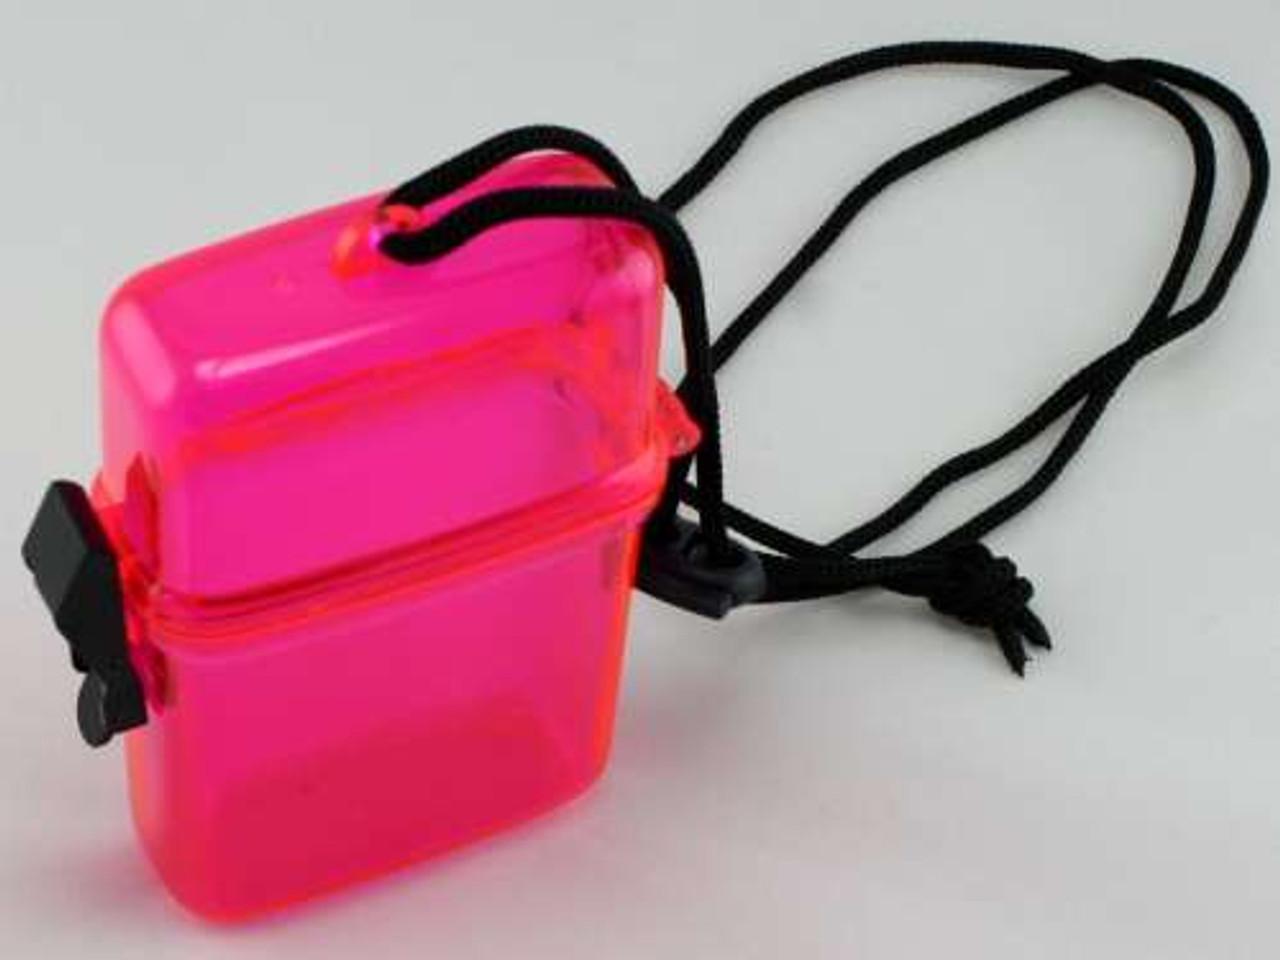 Pink Waterproof Cigarette Pack Holder